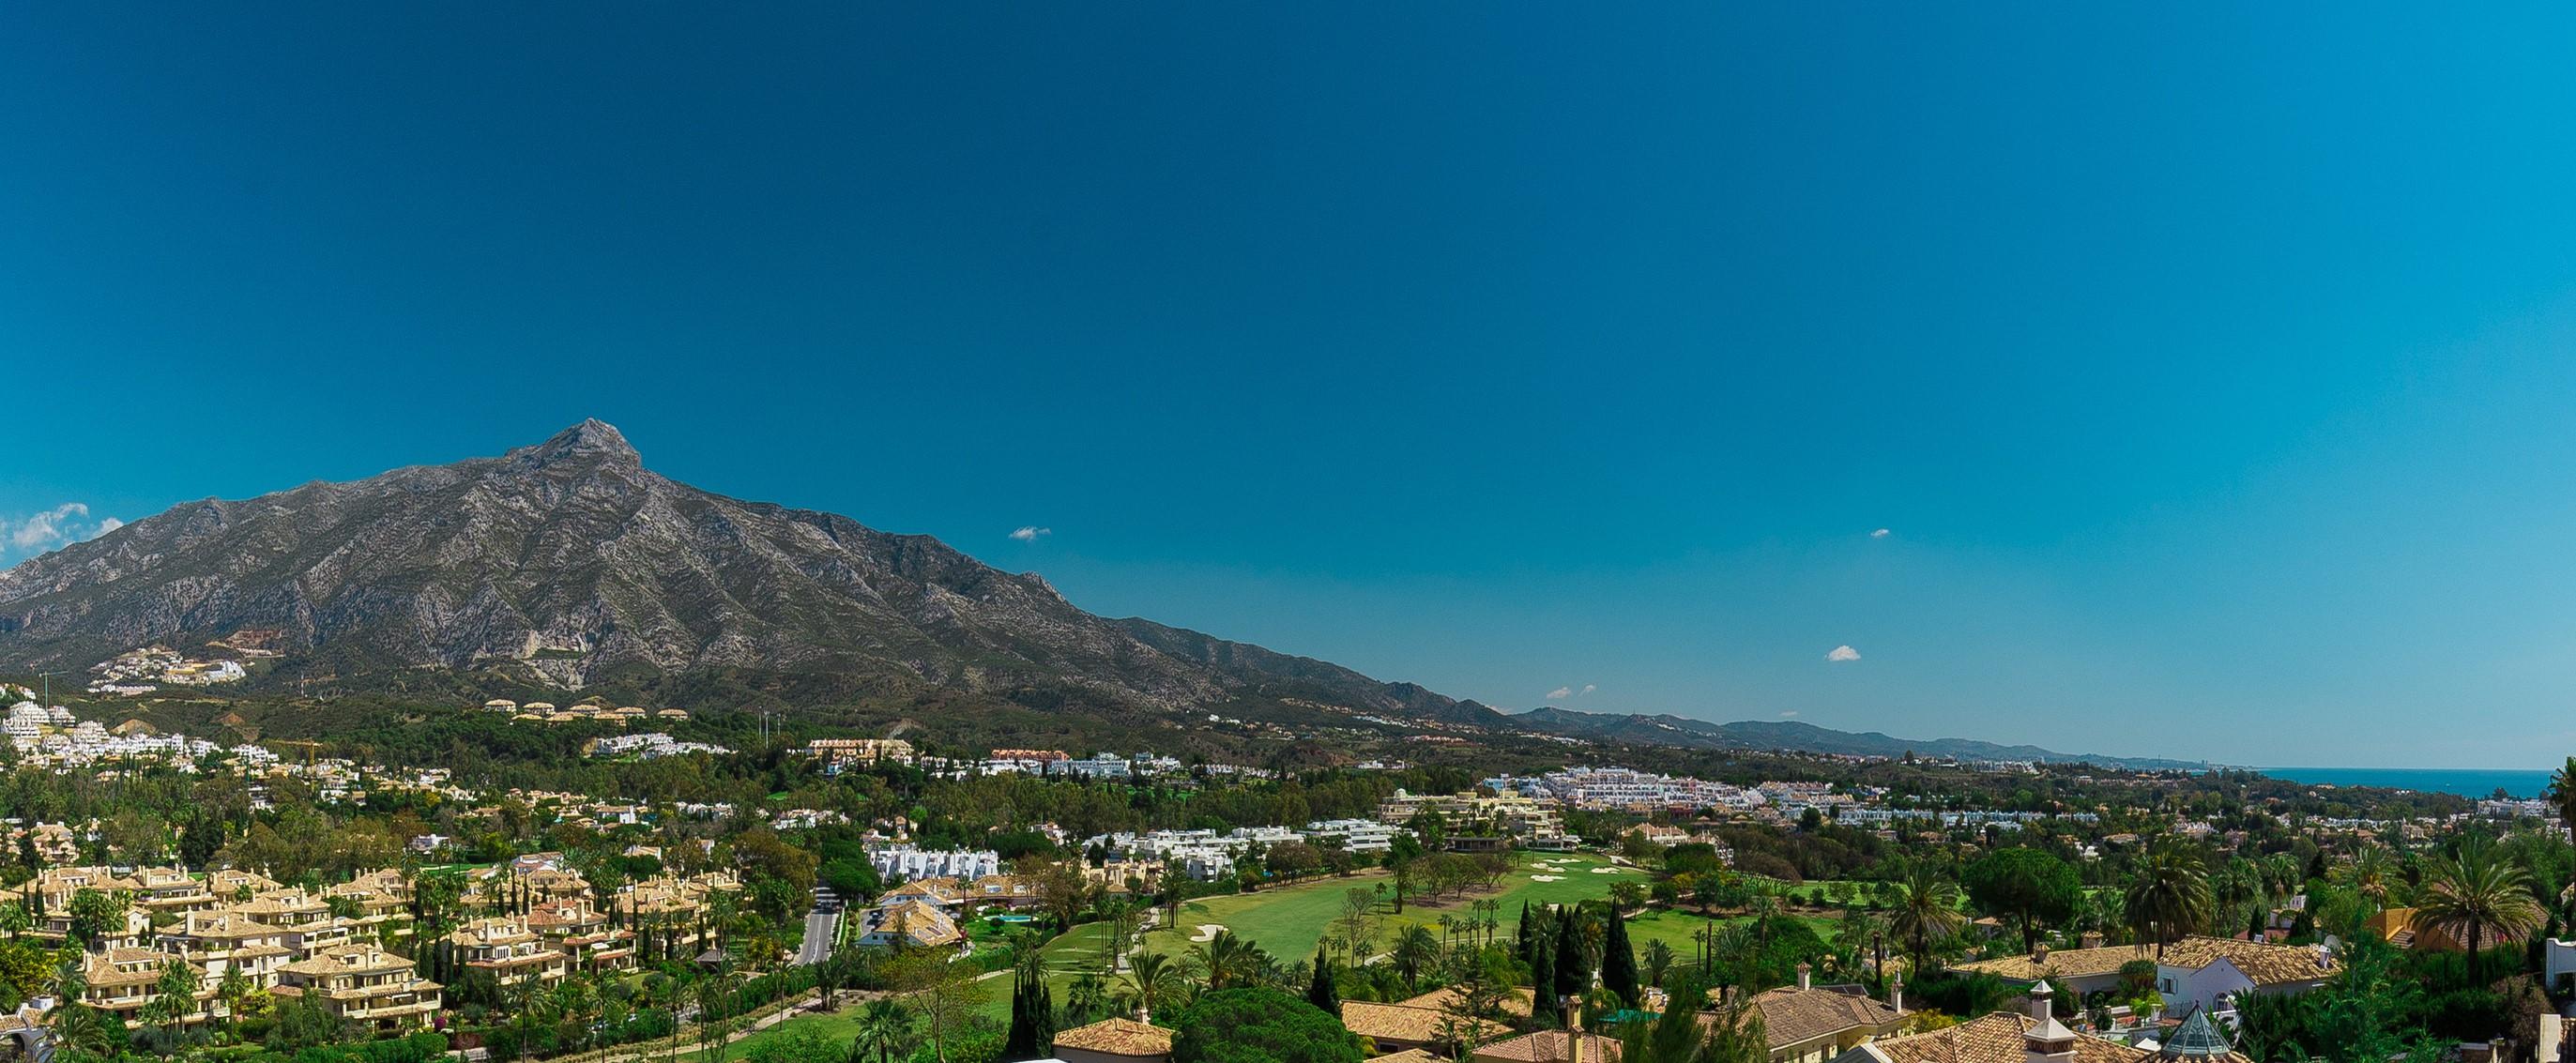 Nueva Andalucía en Marbella, una zona ideal para la familia